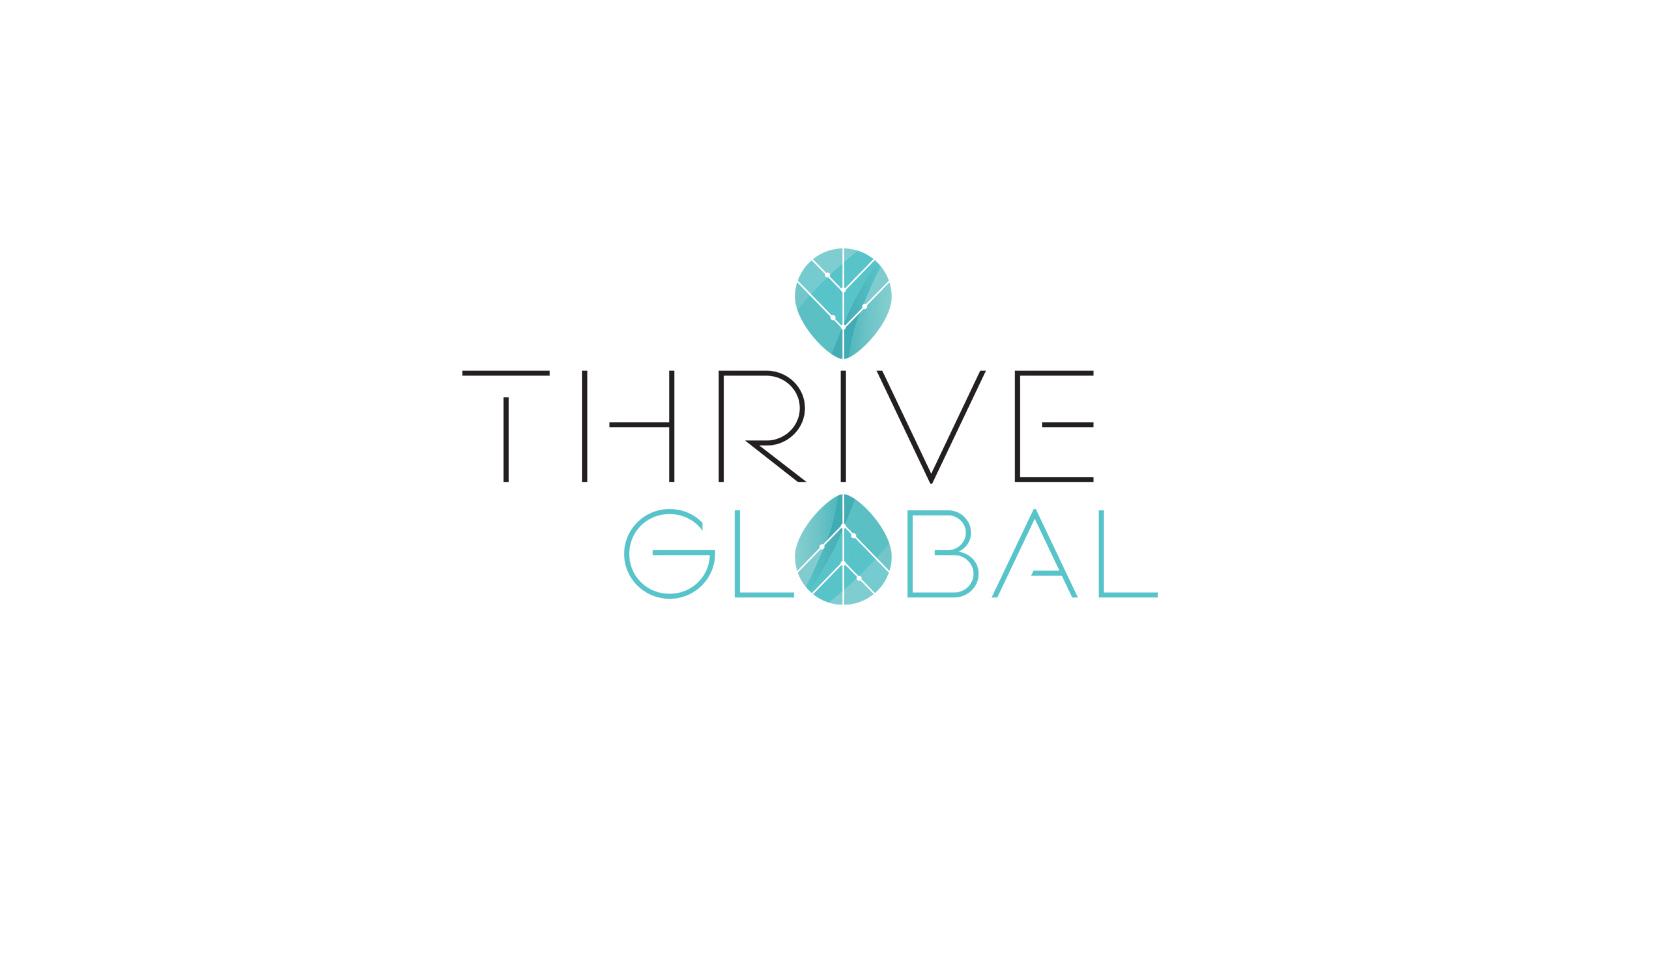 THRIVE-GLOBAL-1024A